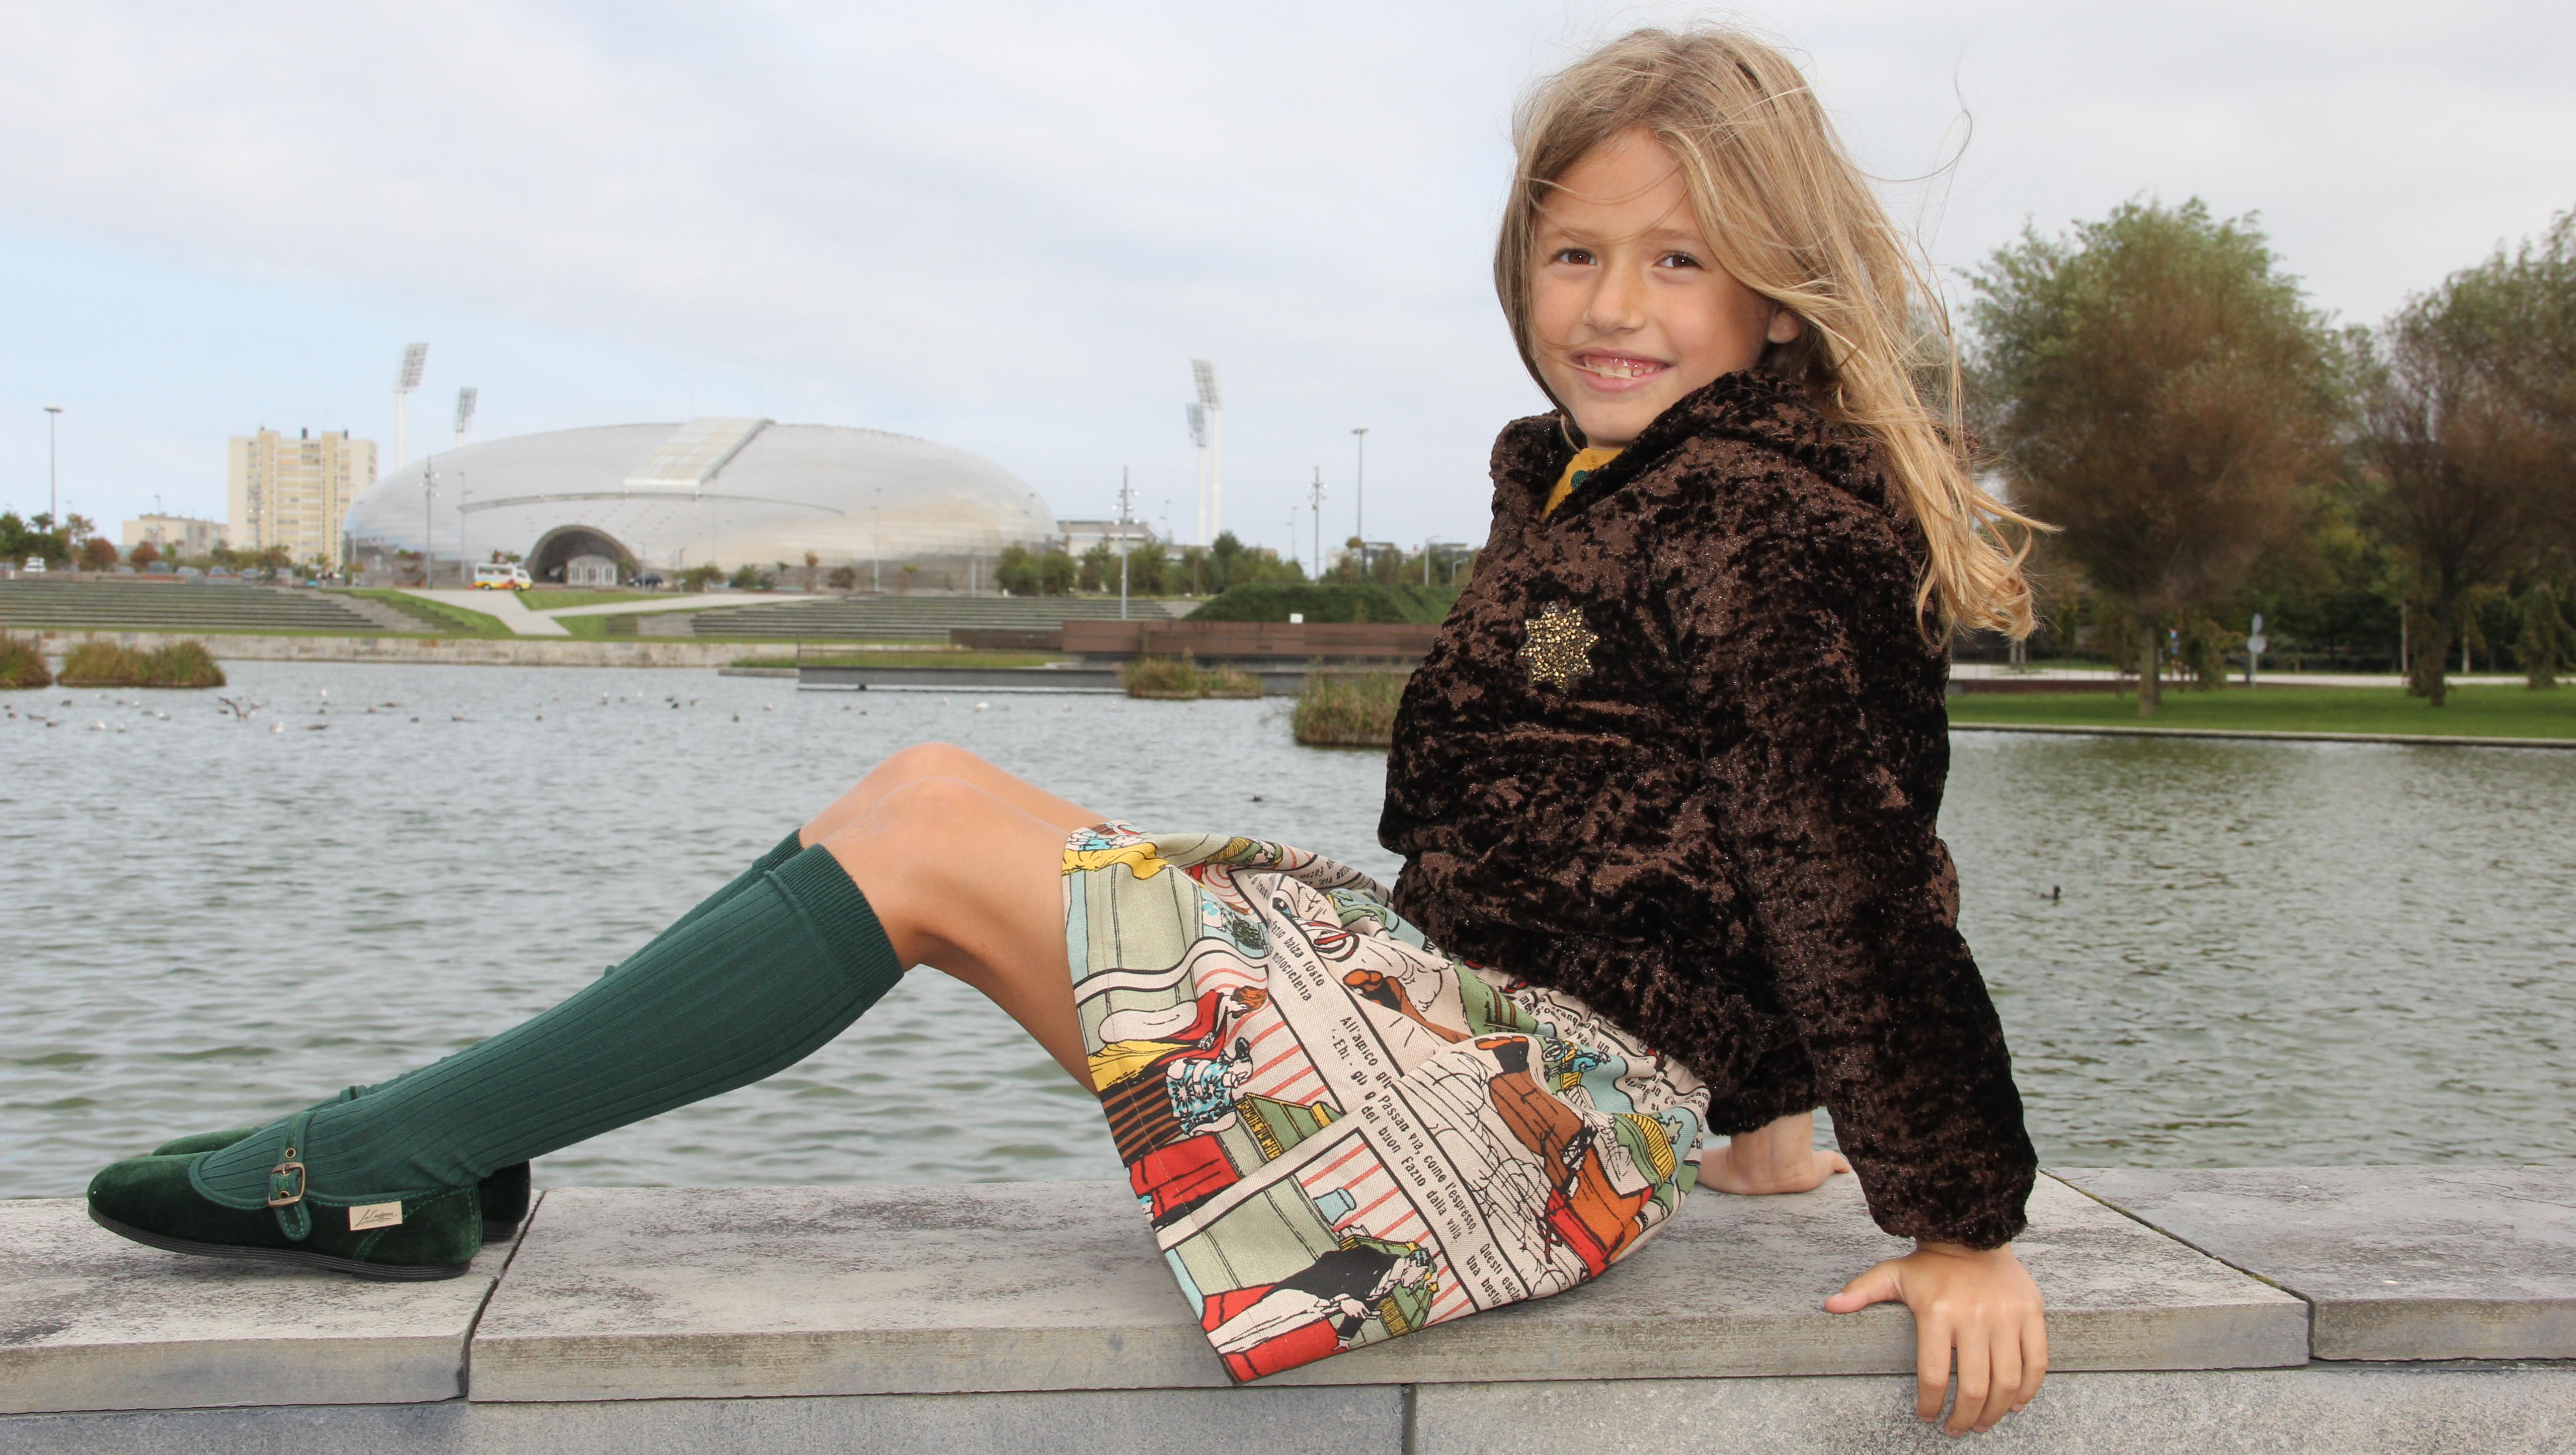 Falda-de-comic-para-niña-sudadera-de-pelo-niña-ropa-para-niña-online-ropa-exclusiva-infantil-online-moda-niña-santander-e1443631275883